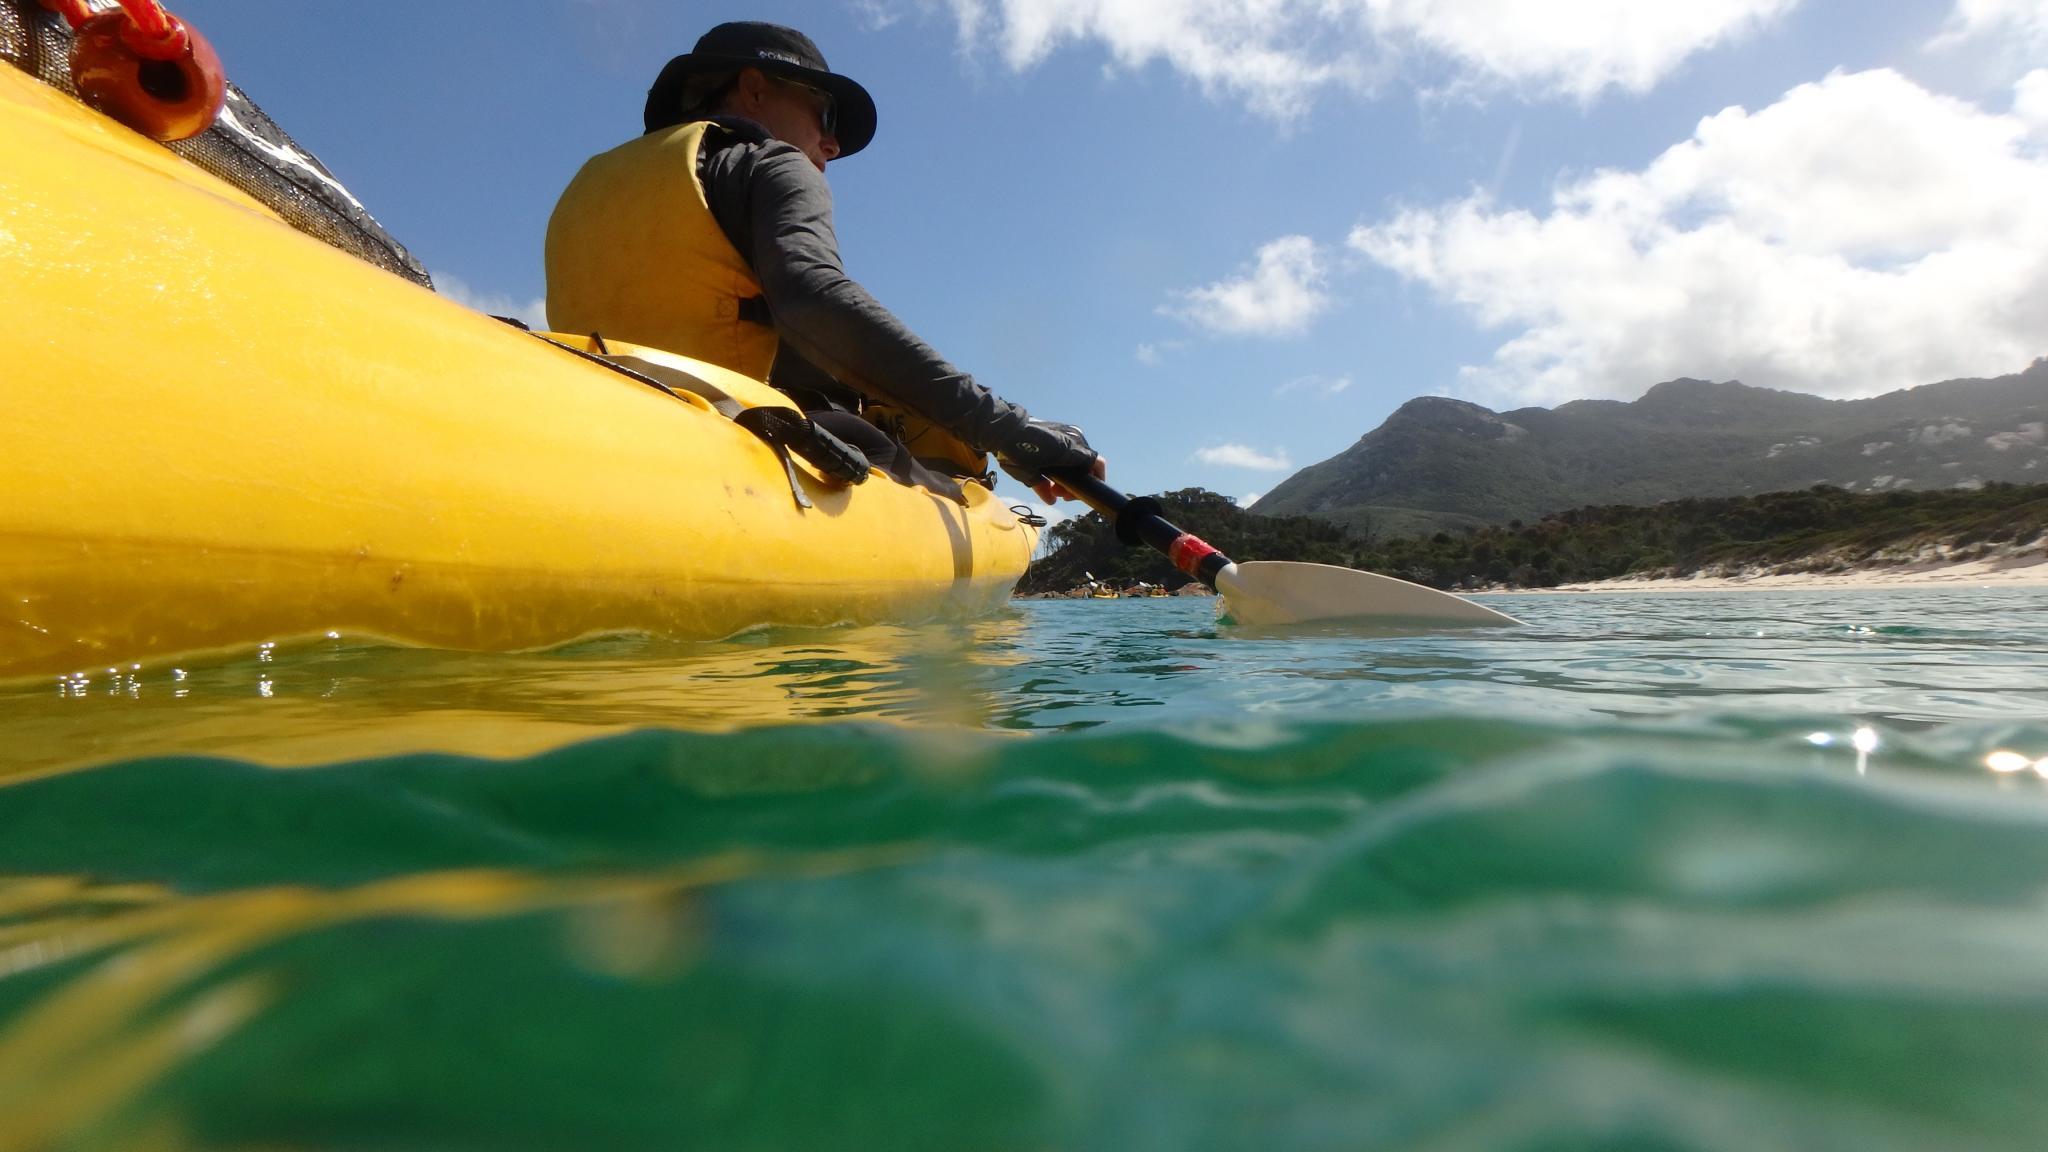 Roaring 40s Kayaking - Kayaking holiday enjoying clear water Flinders Island Tasmania